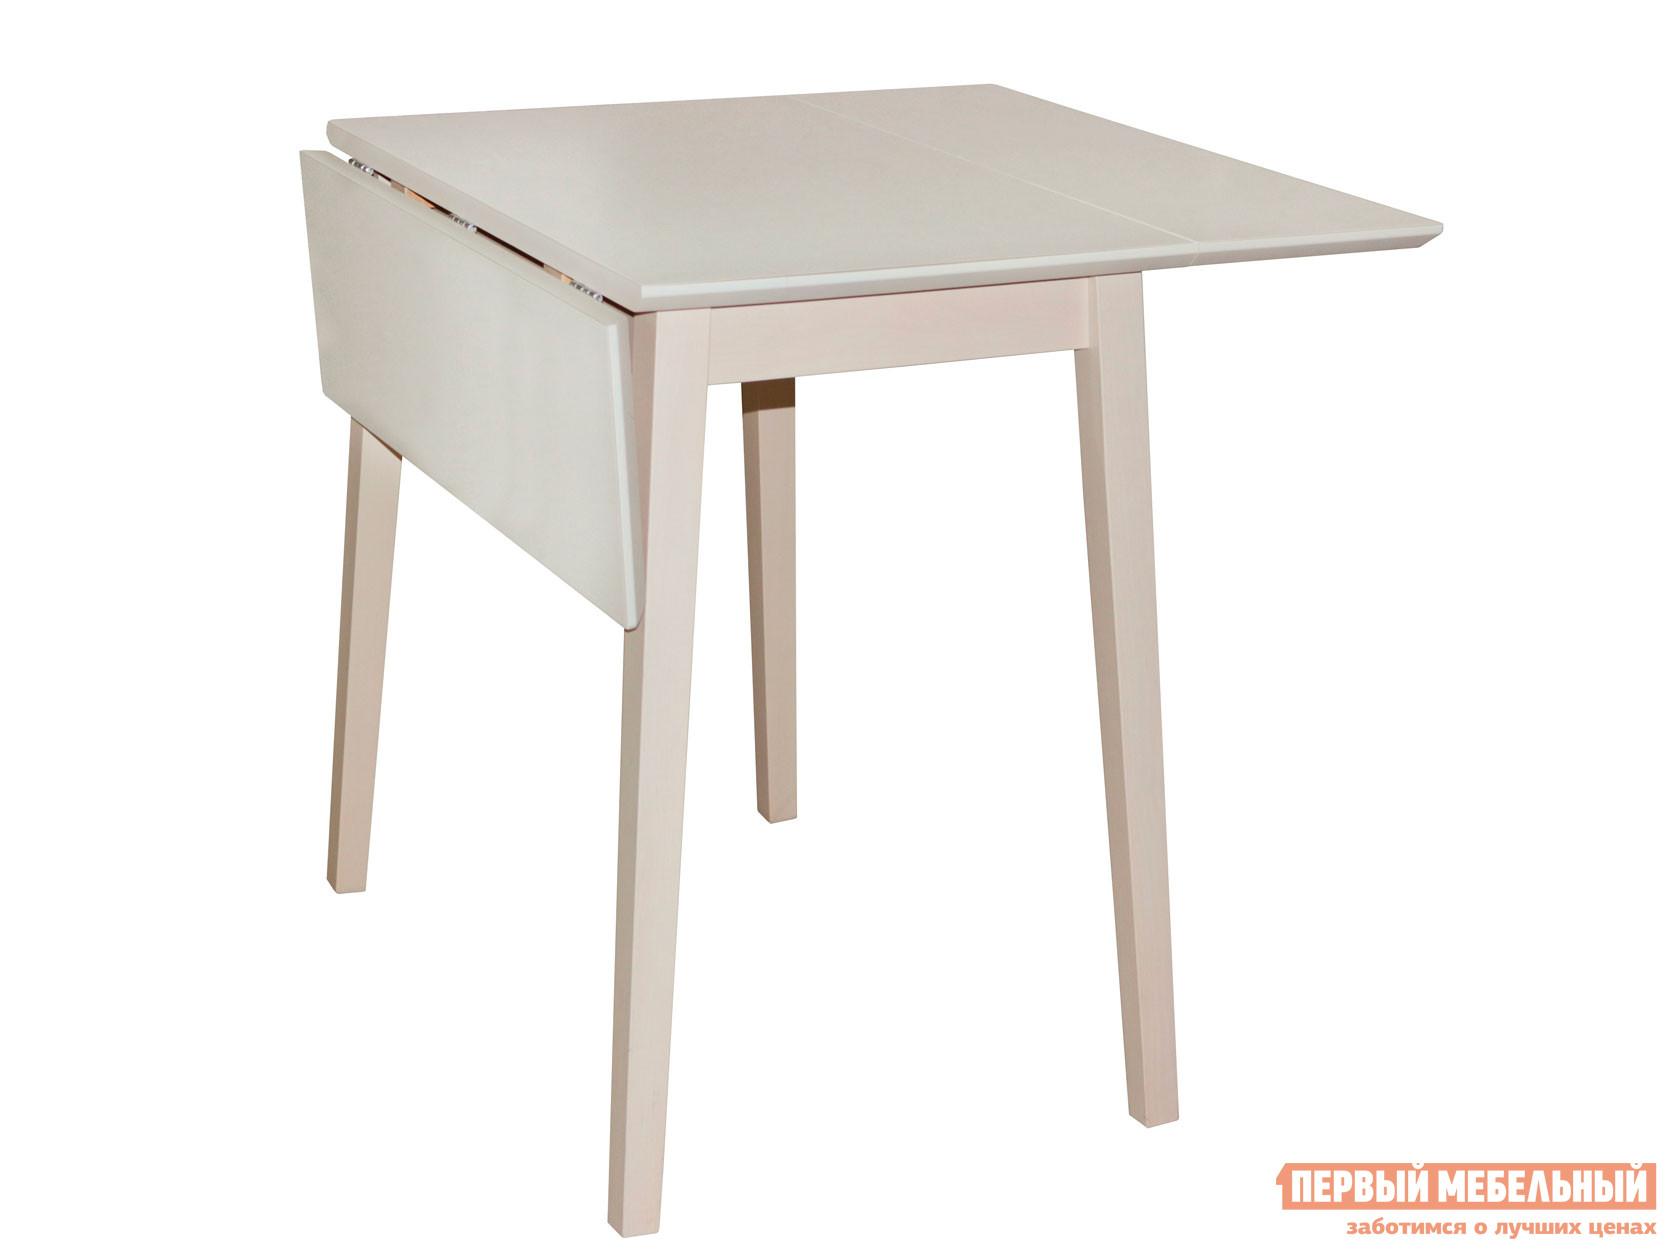 Кухонный стол  Стол раскладной Выбеленная береза — Стол раскладной Выбеленная береза